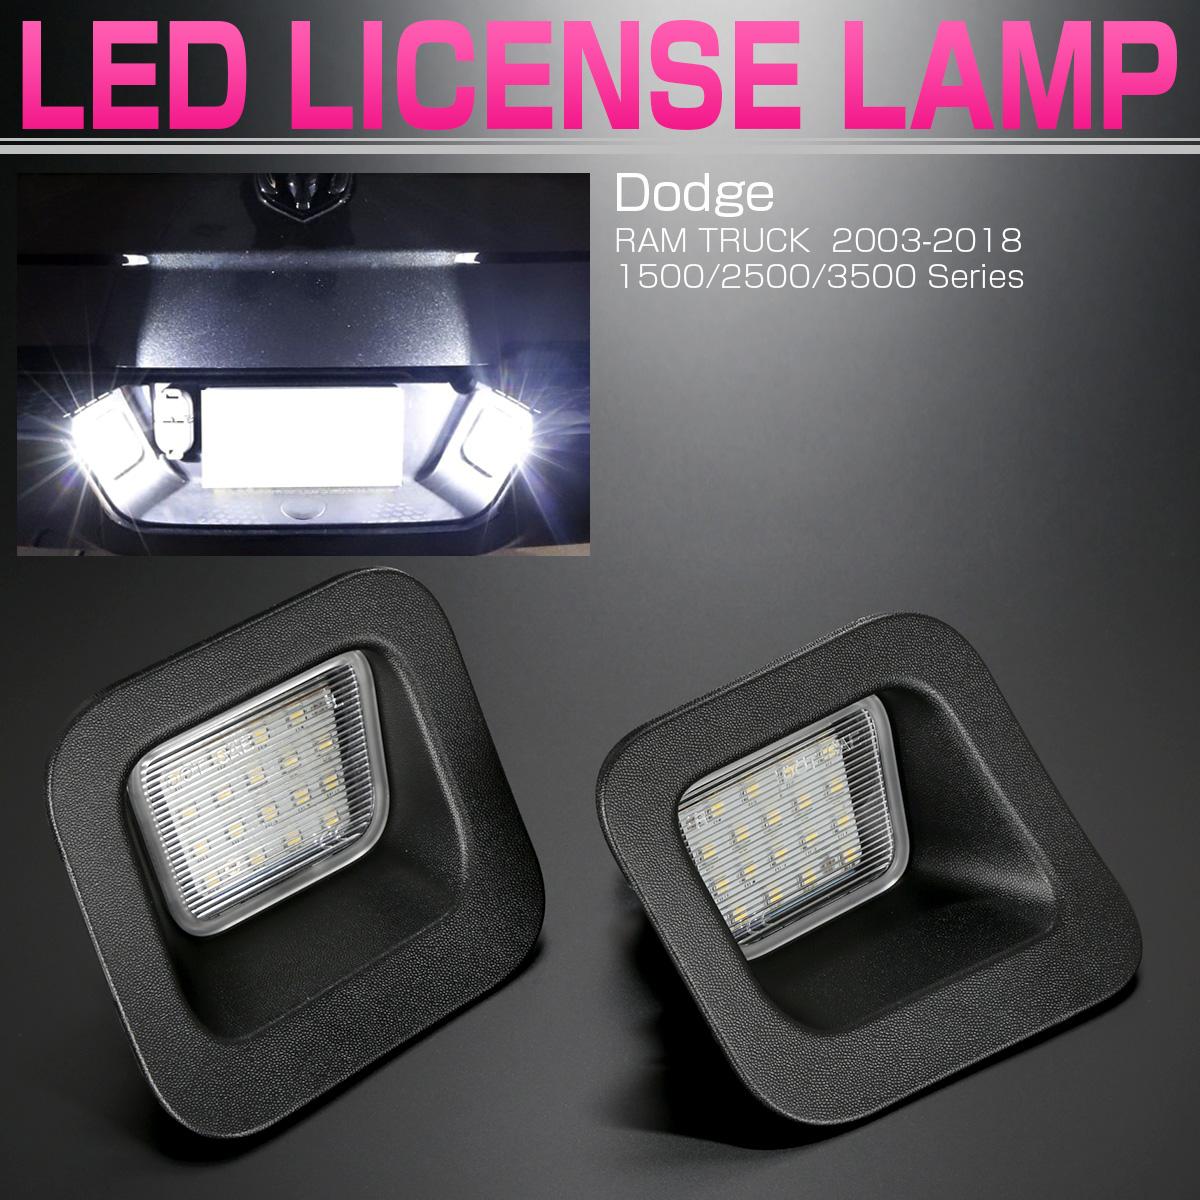 ダッジ ラム トラック Dodge RAM 2003-2018 LED ライセンスランプ ナンバー灯 R-145